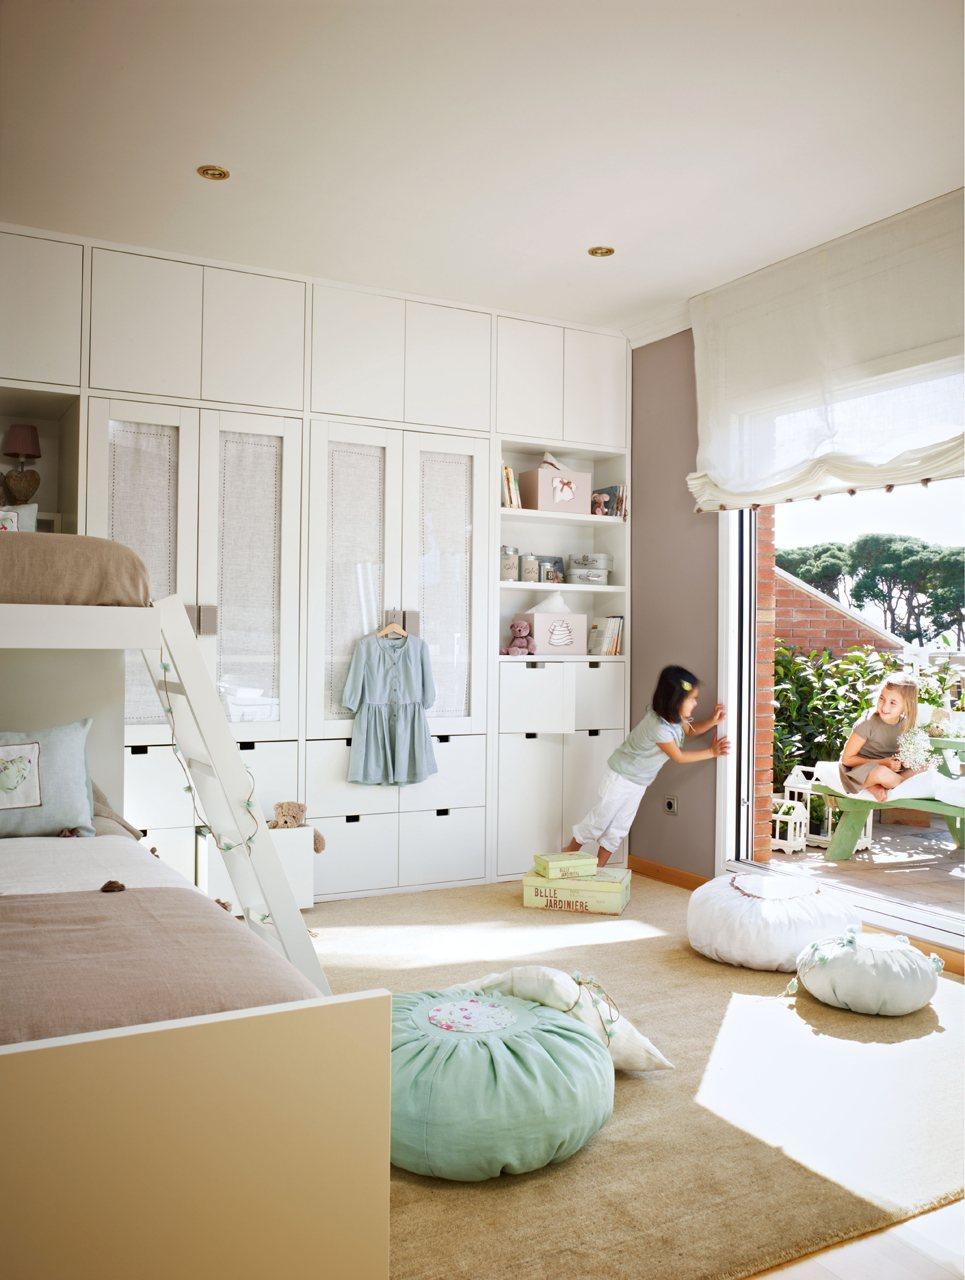 Un dormitorio muy completo y ordenado - Decorar habitacion infantil nino ...